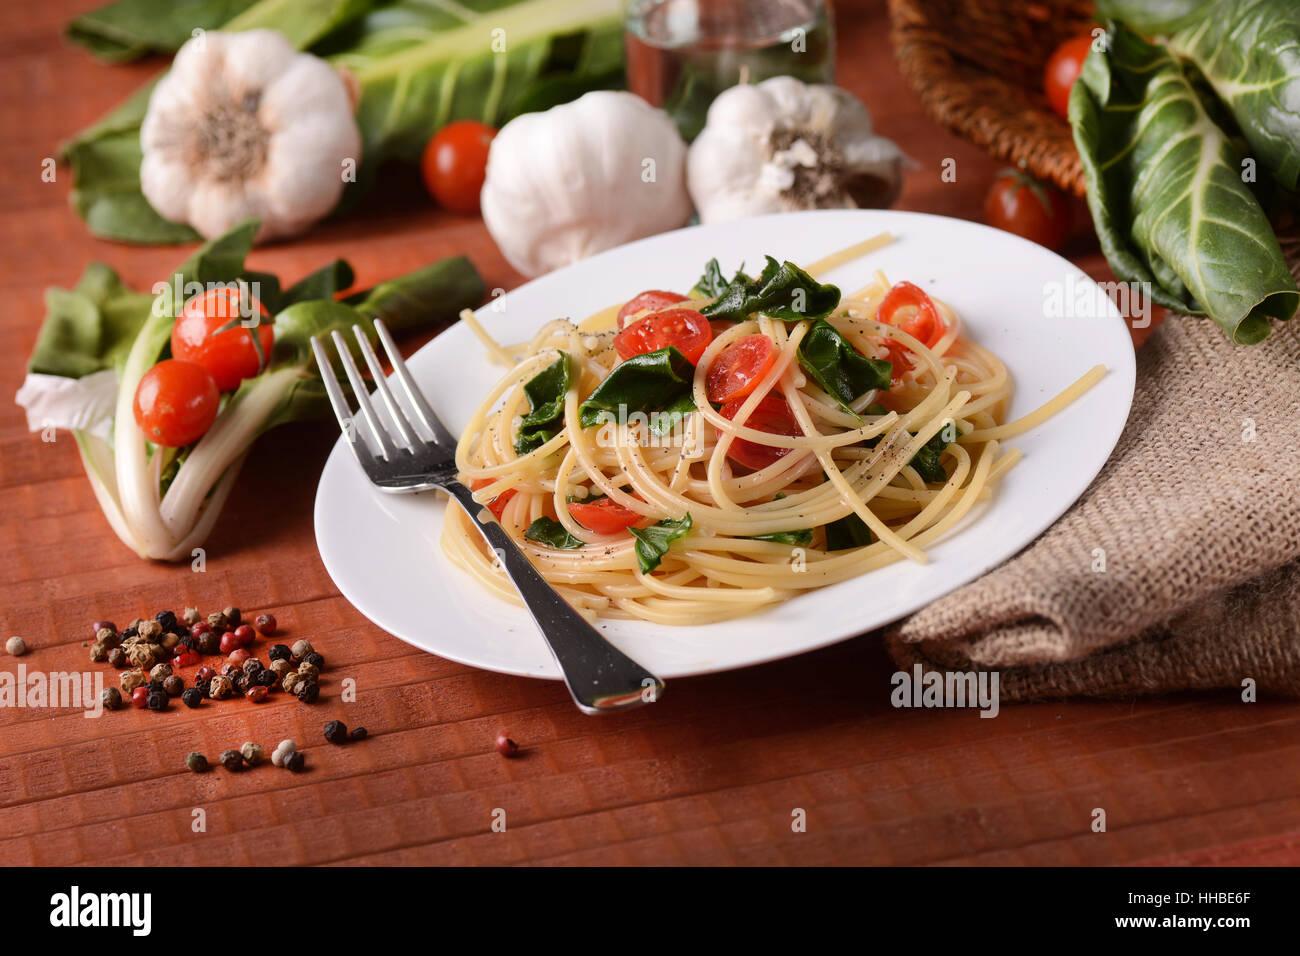 Spaghetti mit Mangold und Tomaten - italienische Speisen Stockbild